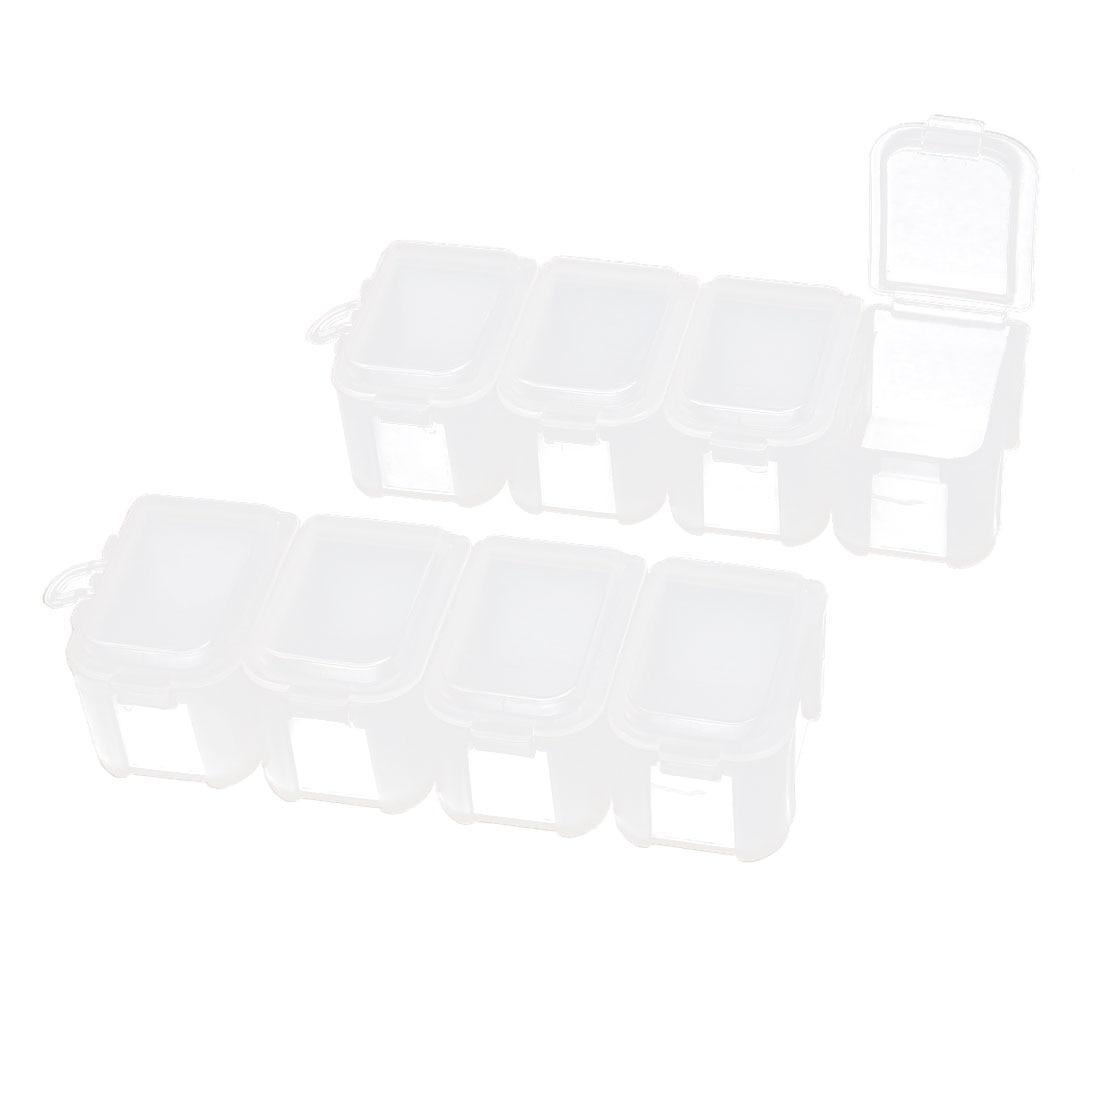 Uxcell Medicine Pill Box Holder Storage Organizer Cases